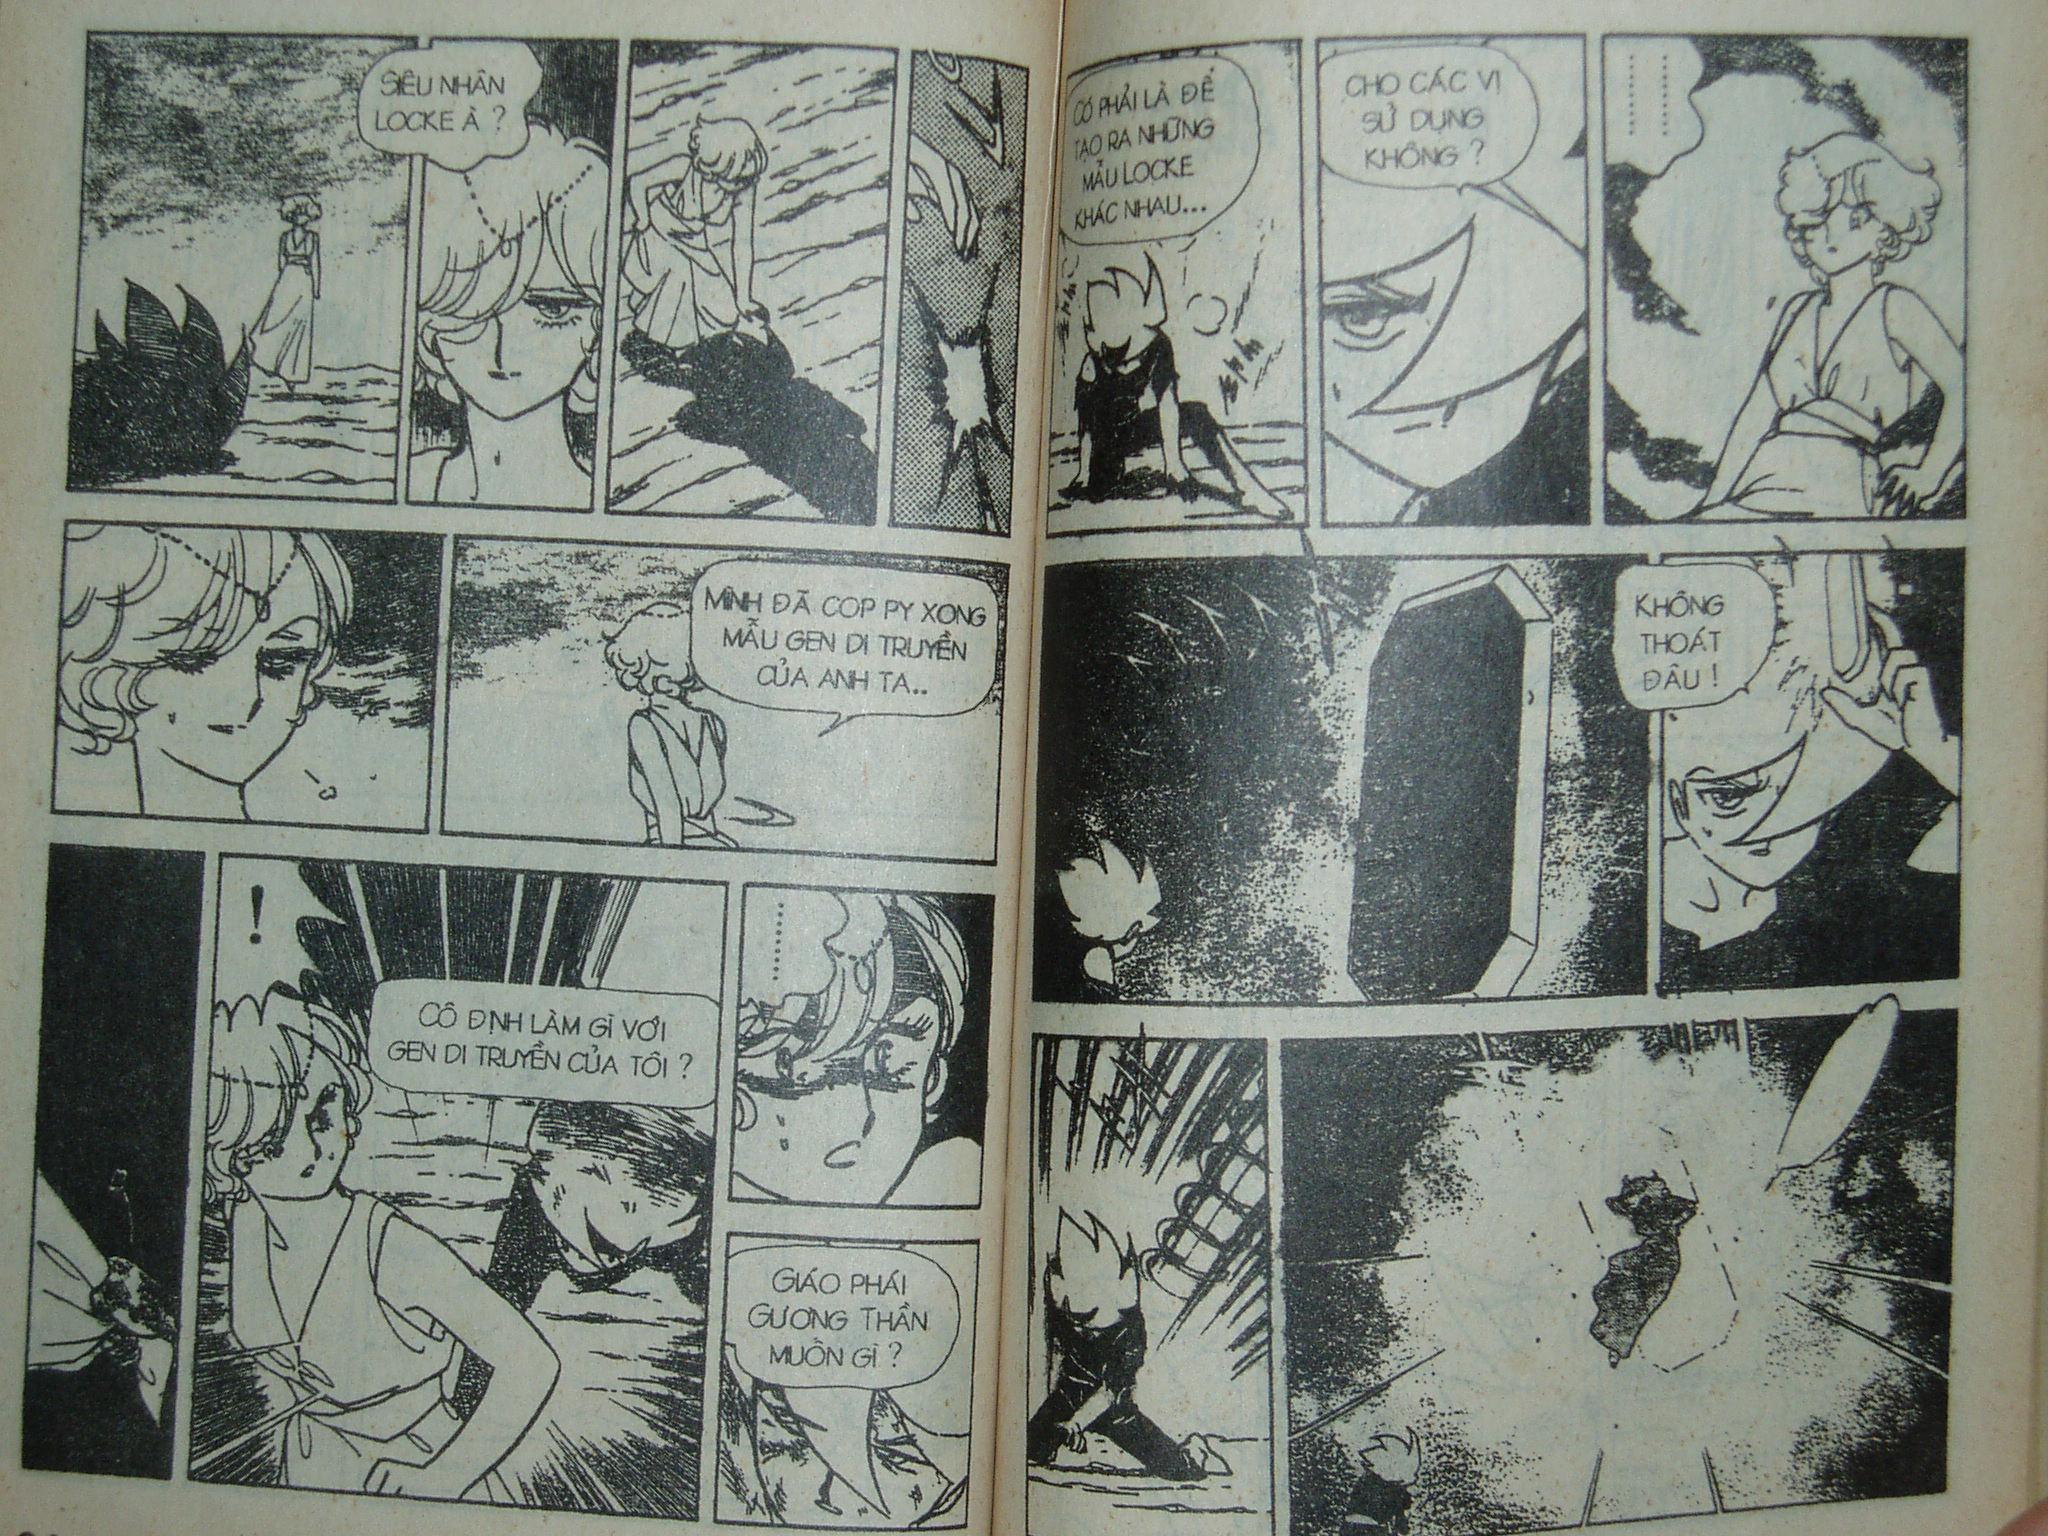 Siêu nhân Locke vol 17 trang 45